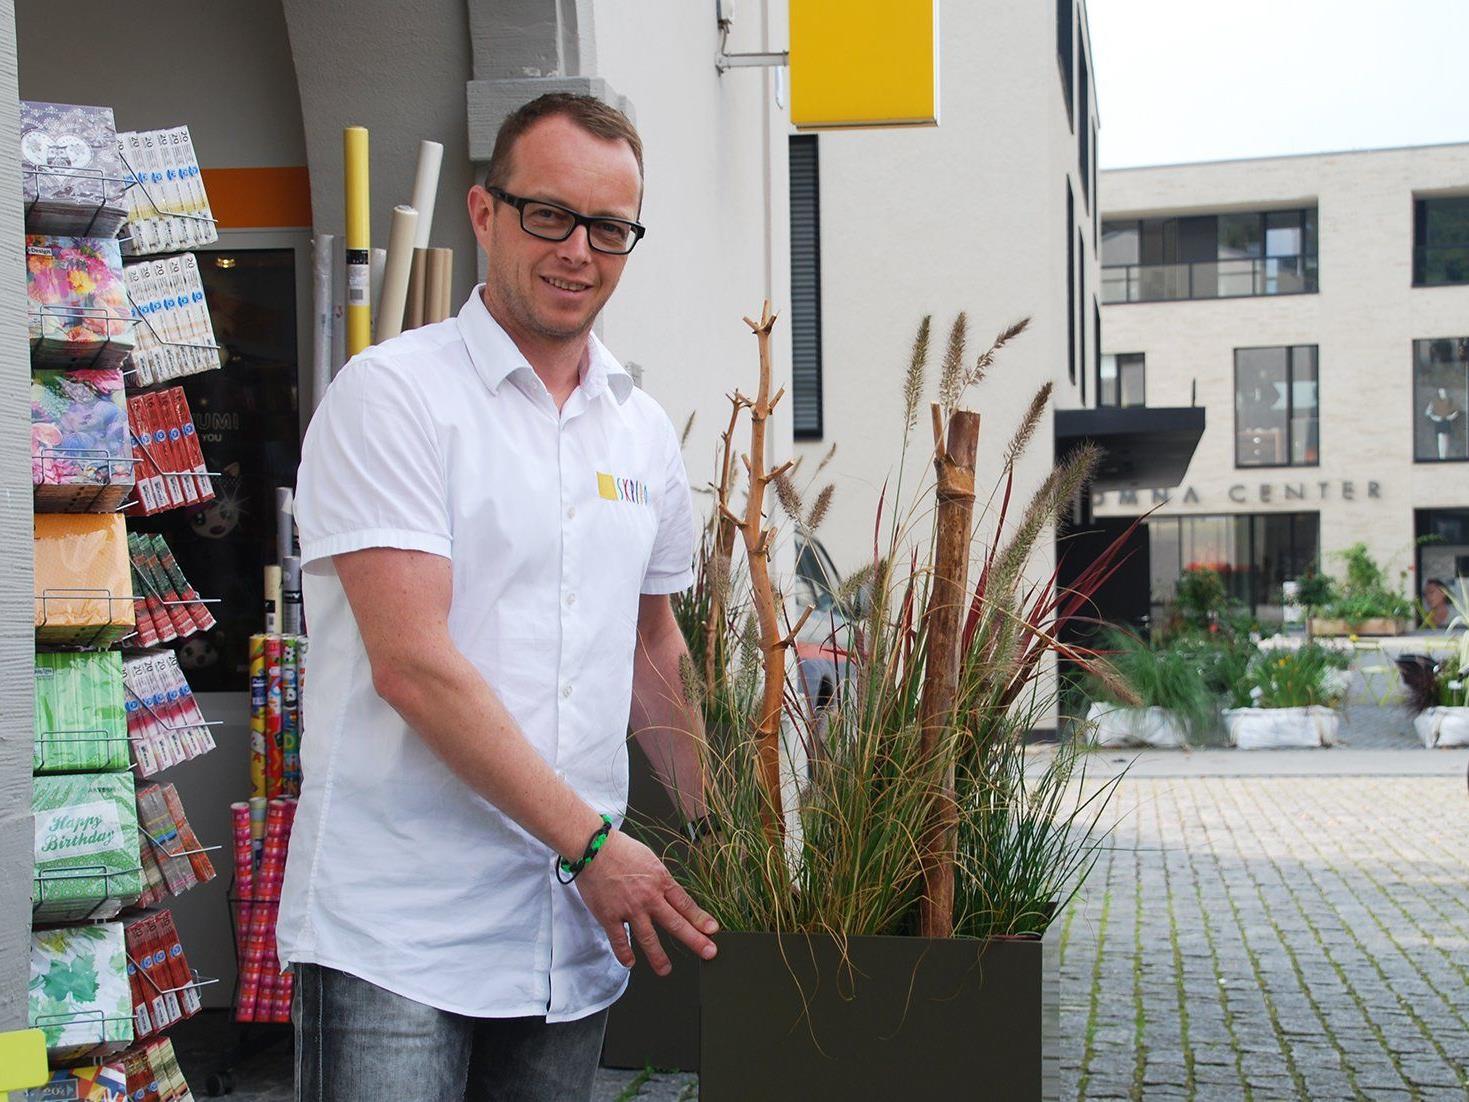 René Nick, Obmann der Kaufmannschaft Rankweil-Vorderland, präsentiert die Herbstdekoration.